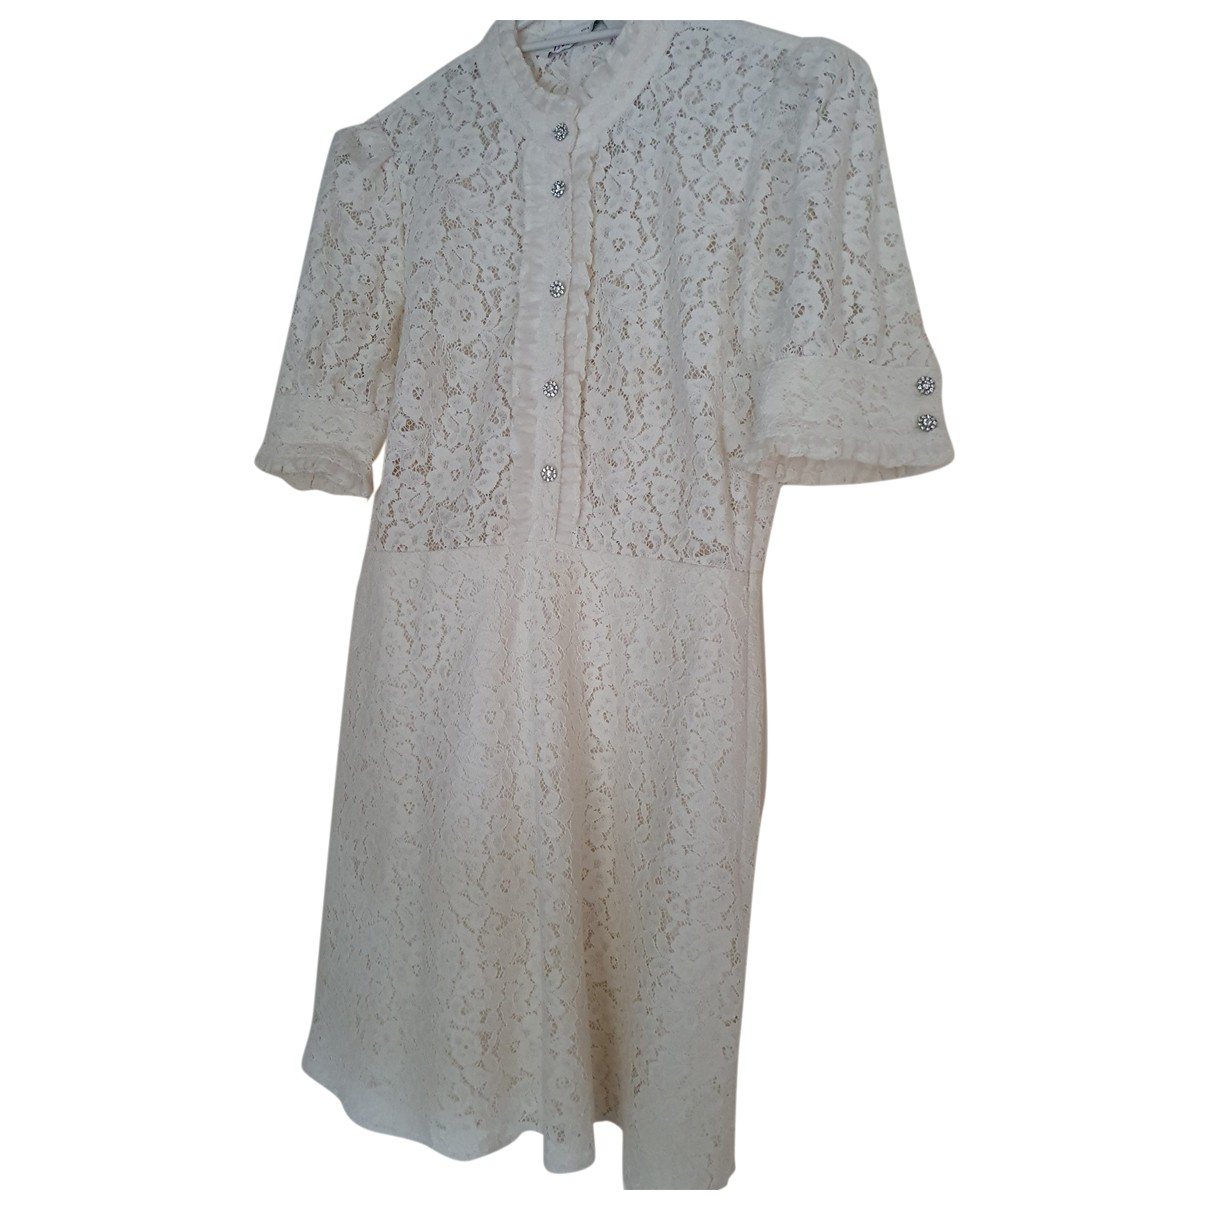 Zara \N Beige Cotton dress for Women S International